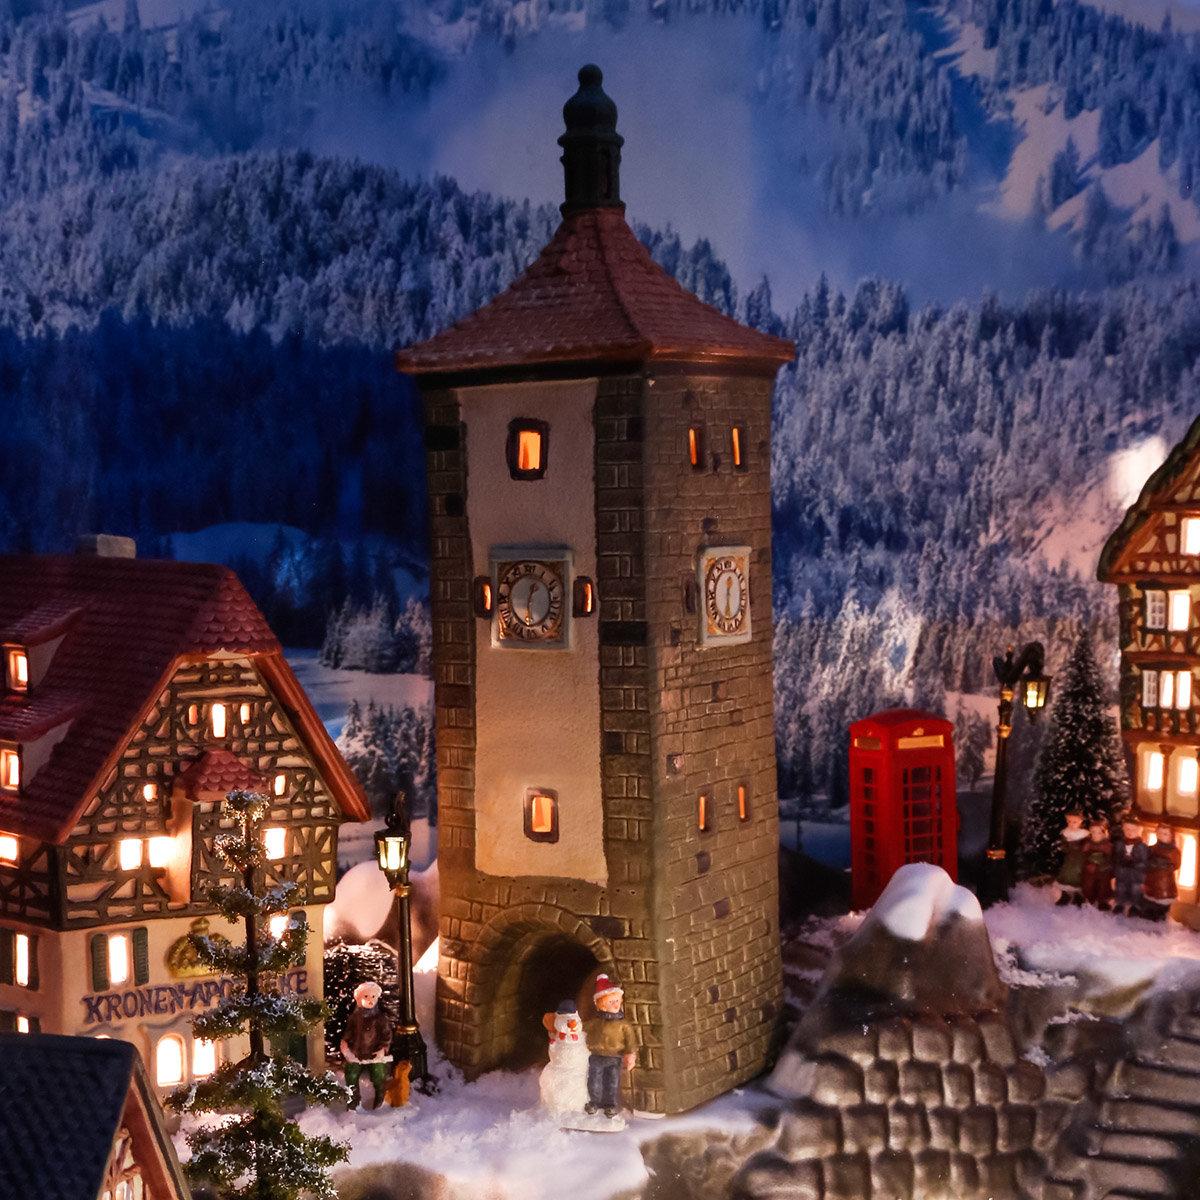 Miniatur-Lichthaus Siebertsturm in Rothenburg | #2